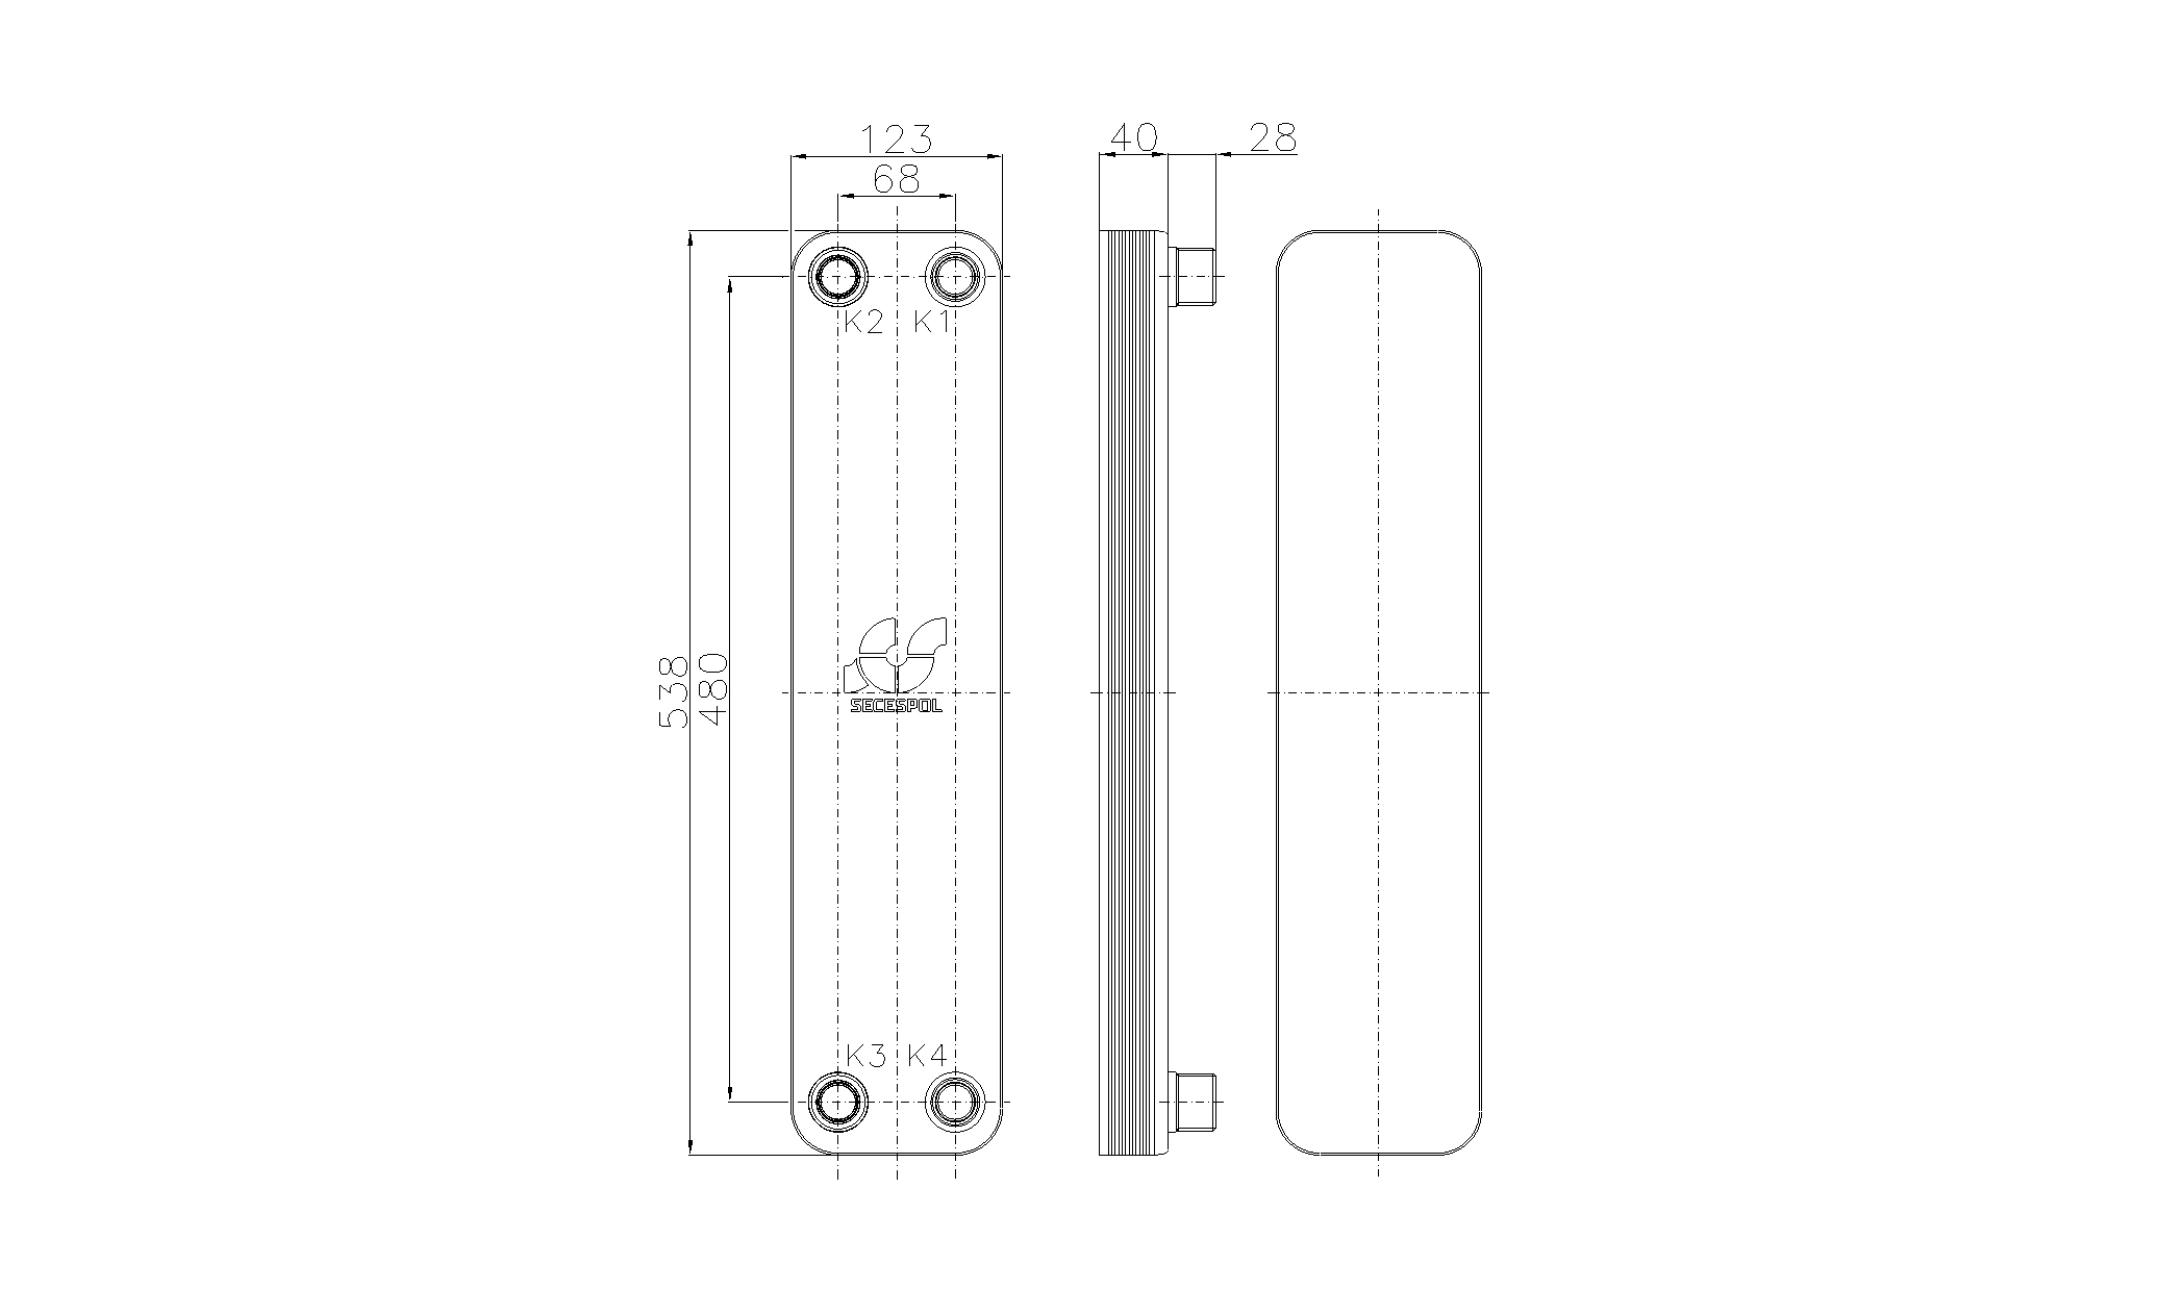 Габаритные размеры паяного пластинчатого теплообменника Secespol RB60-10H